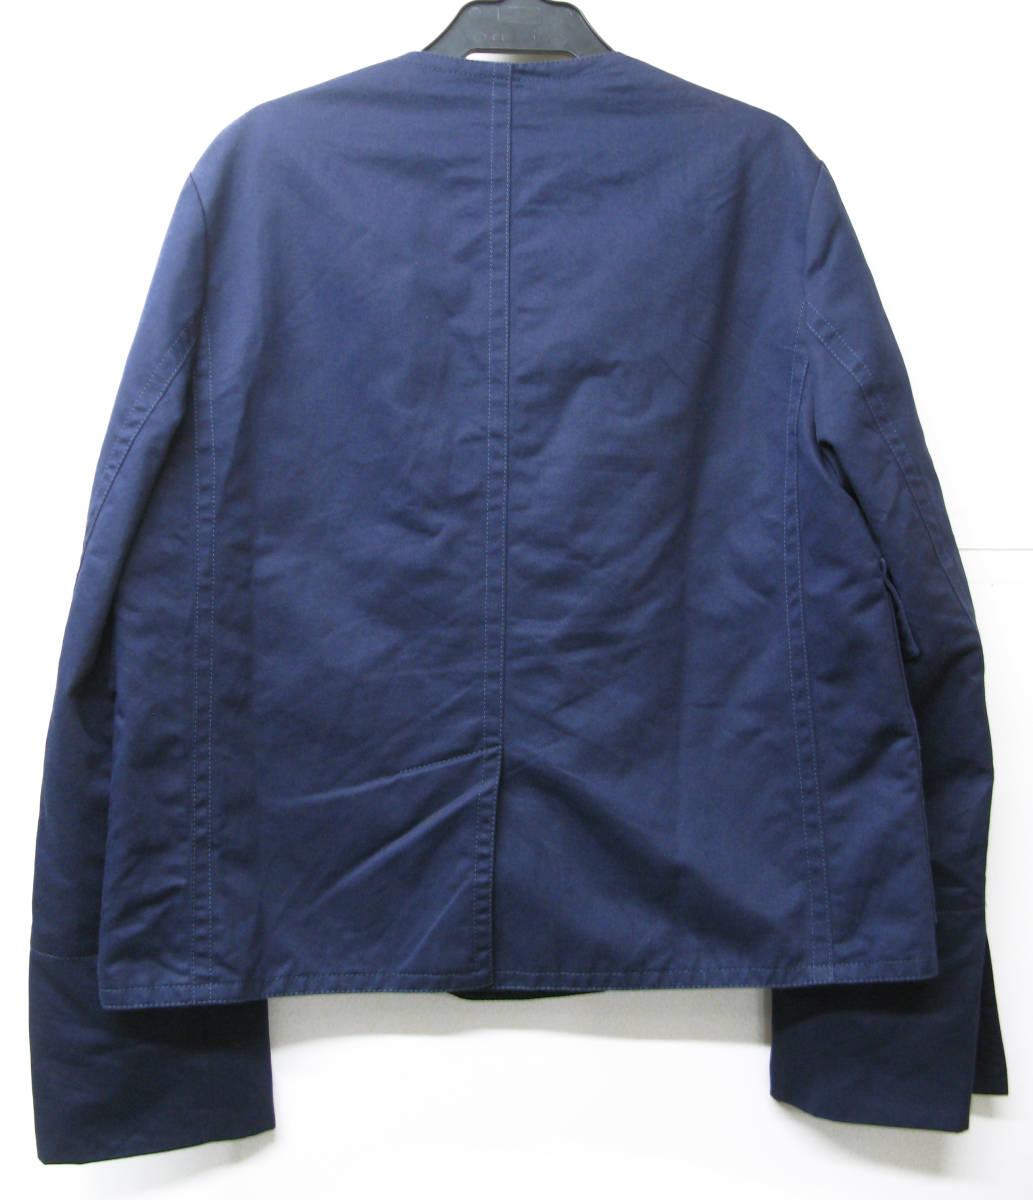 マルニ MARNI:綿/麻混紡素材 ジャケット 紺 40 ( jacket ブルゾン _画像2